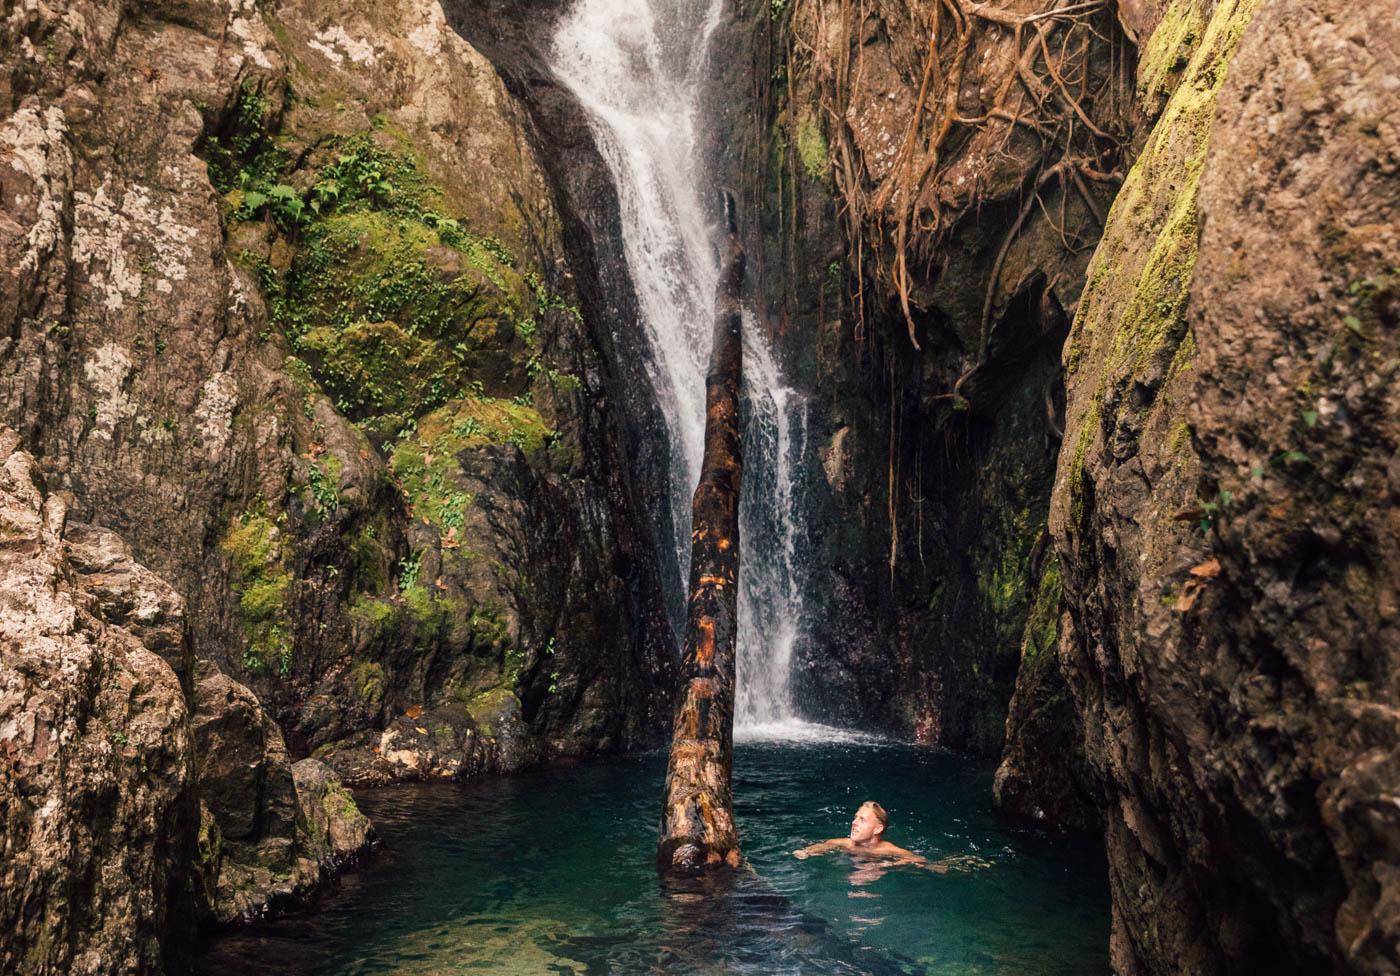 Home | Rainforest Spirit Tours | Cairns QLD, Australia |Cairns Australia Waterfalls